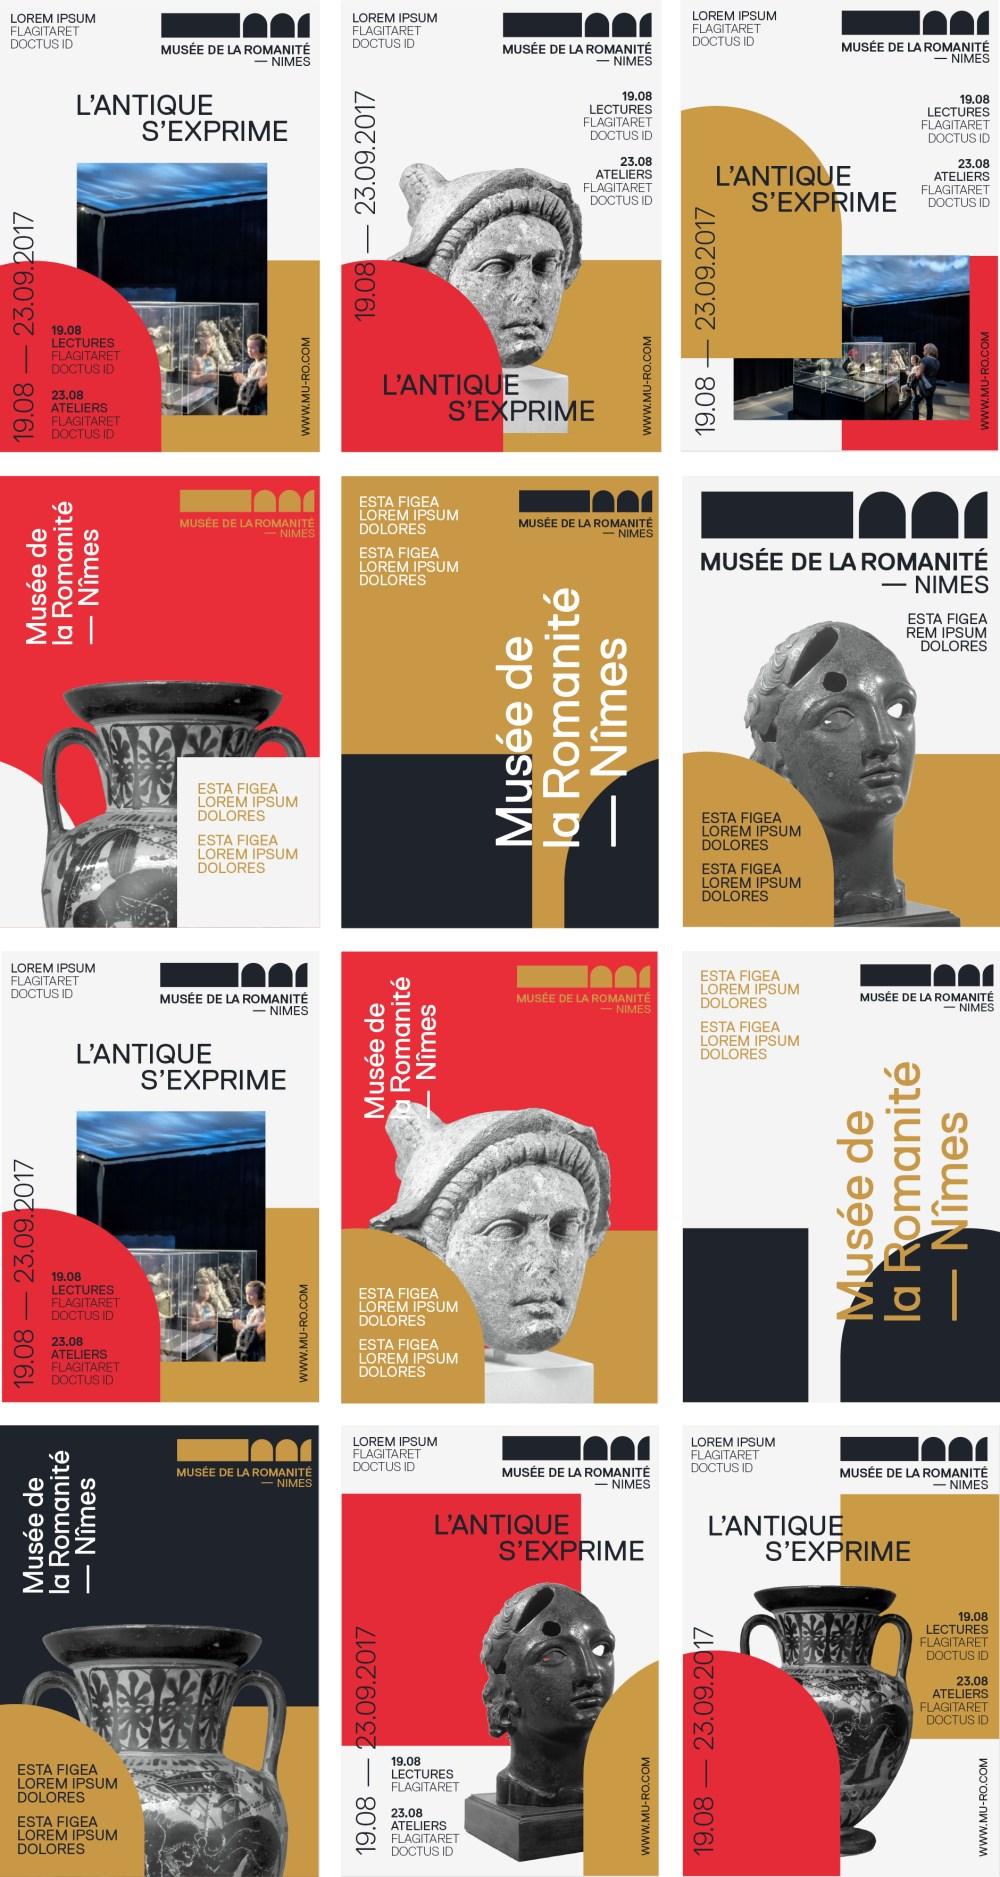 Affiches musée de la romanité design poster